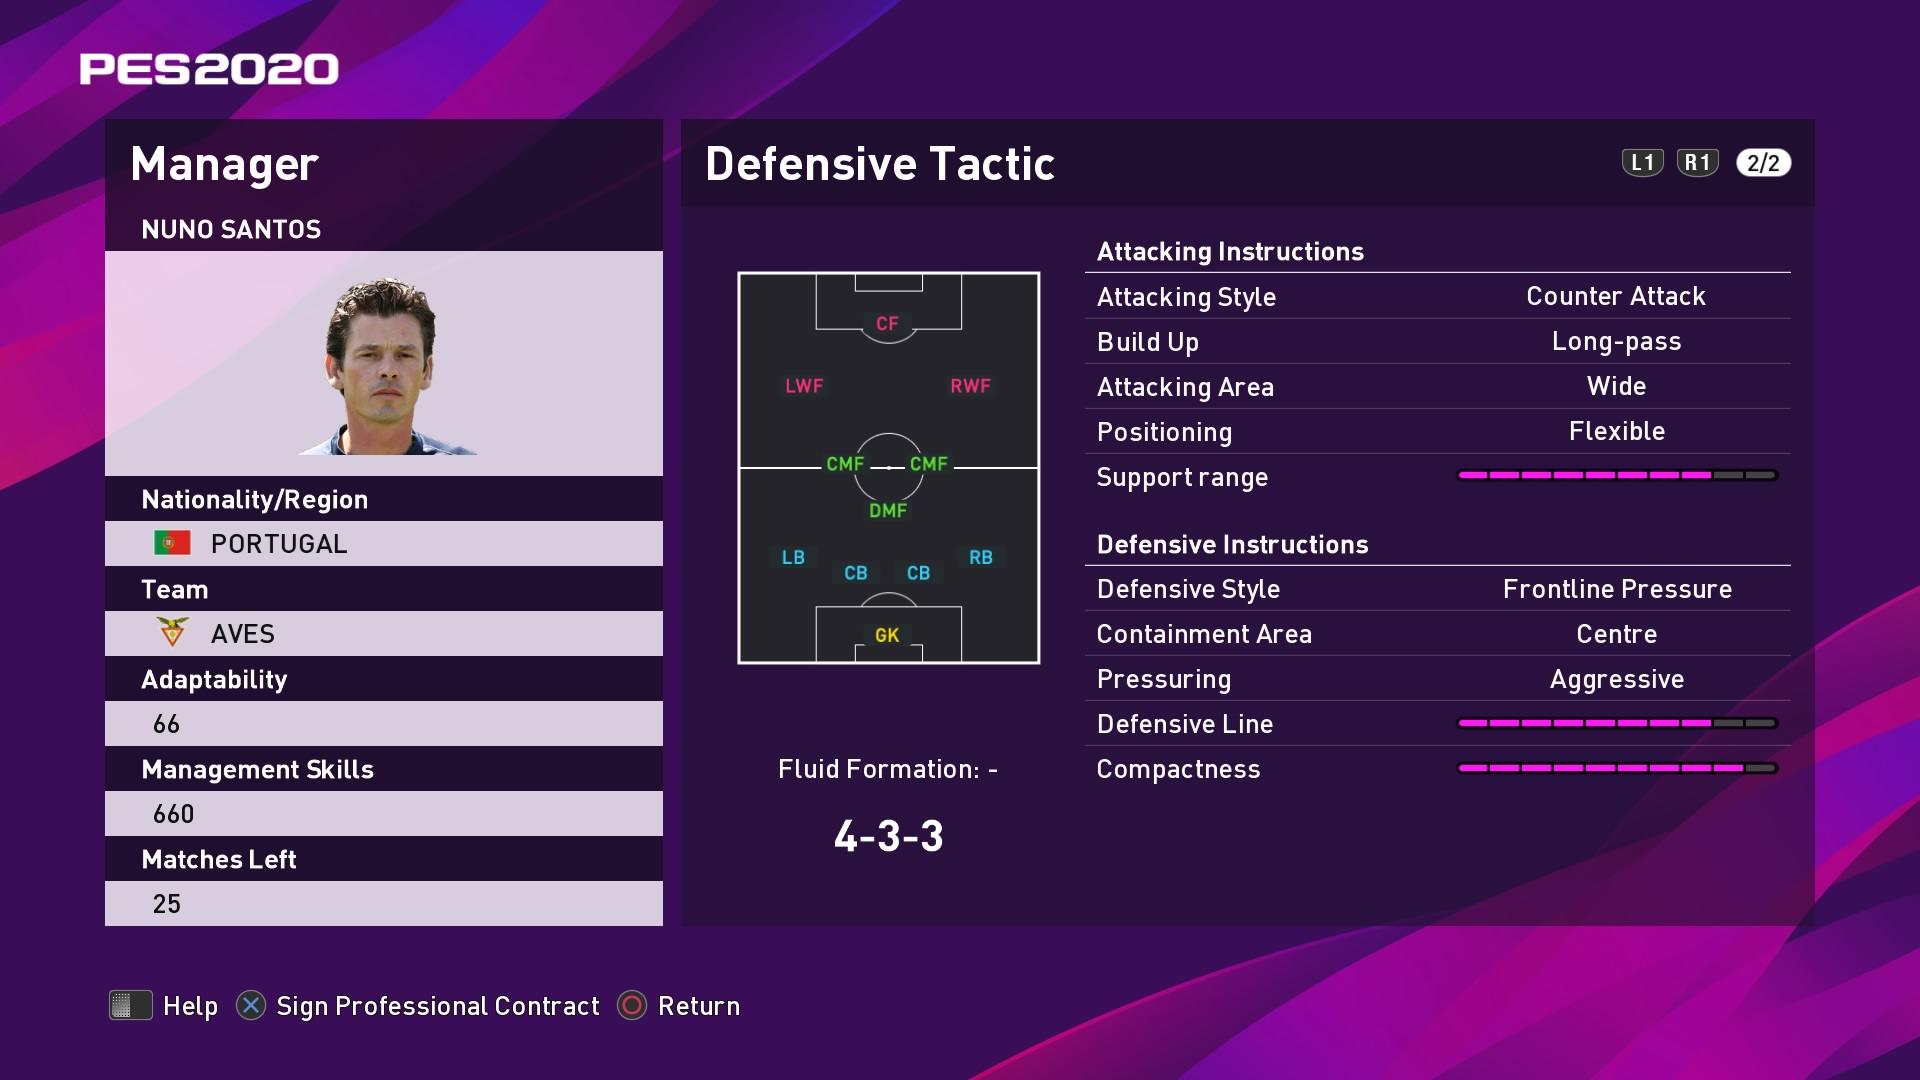 Nuno Santos Defensive Tactic in PES 2020 myClub